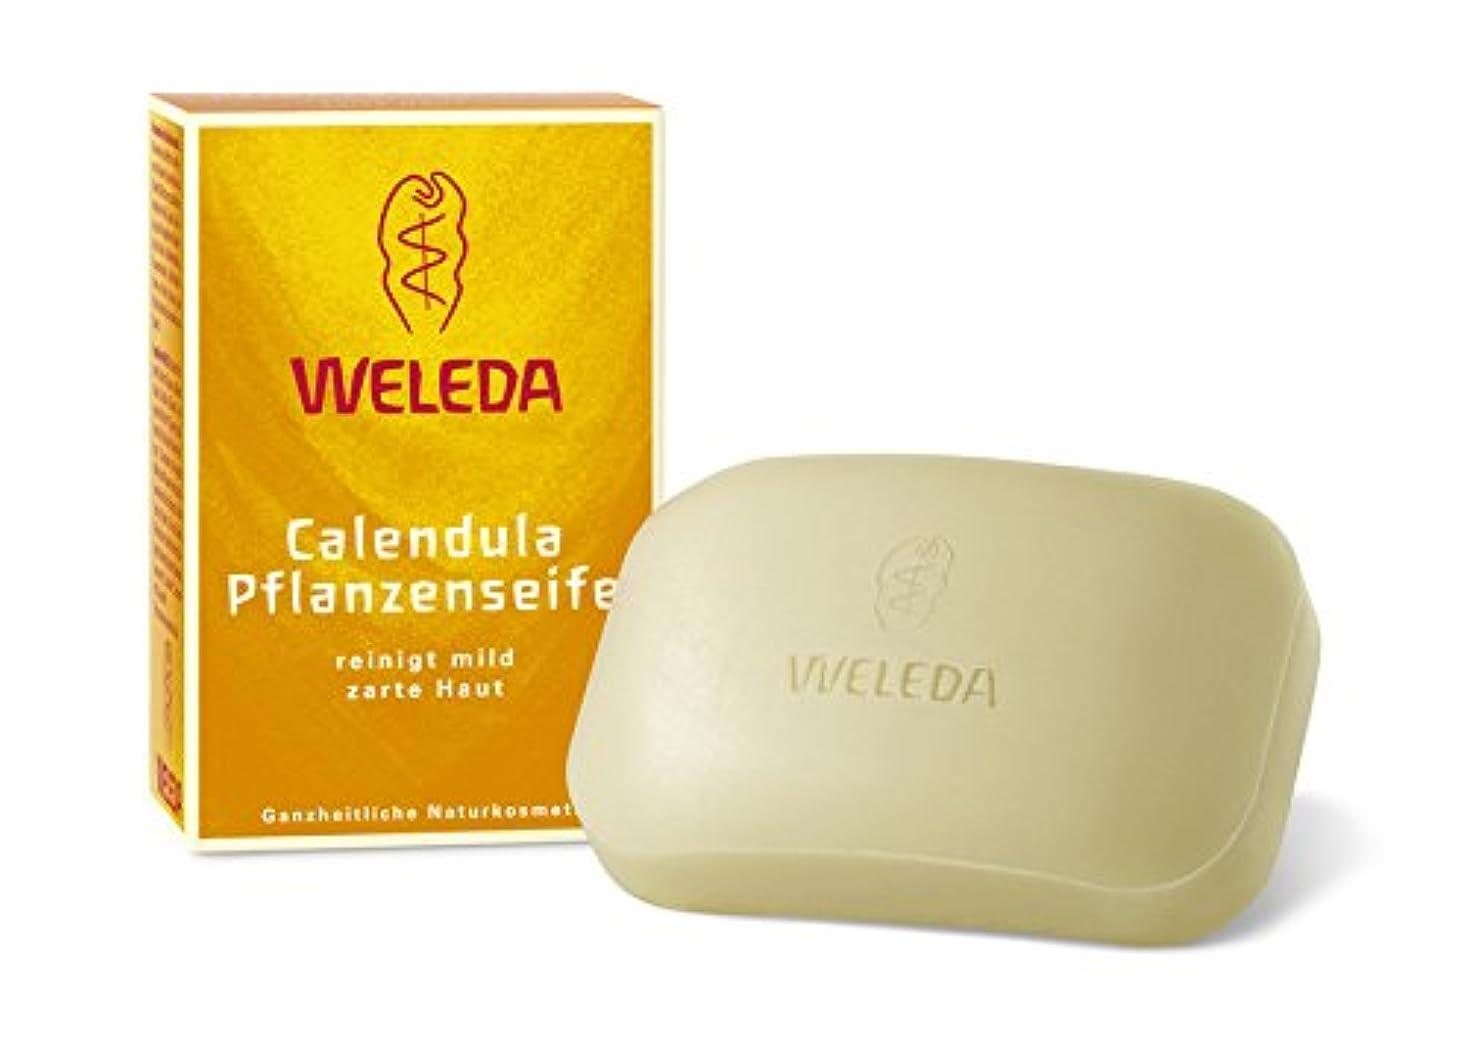 休憩ブラジャーささいなWELEDA(ヴェレダ) カレンドラ ソープ 100g